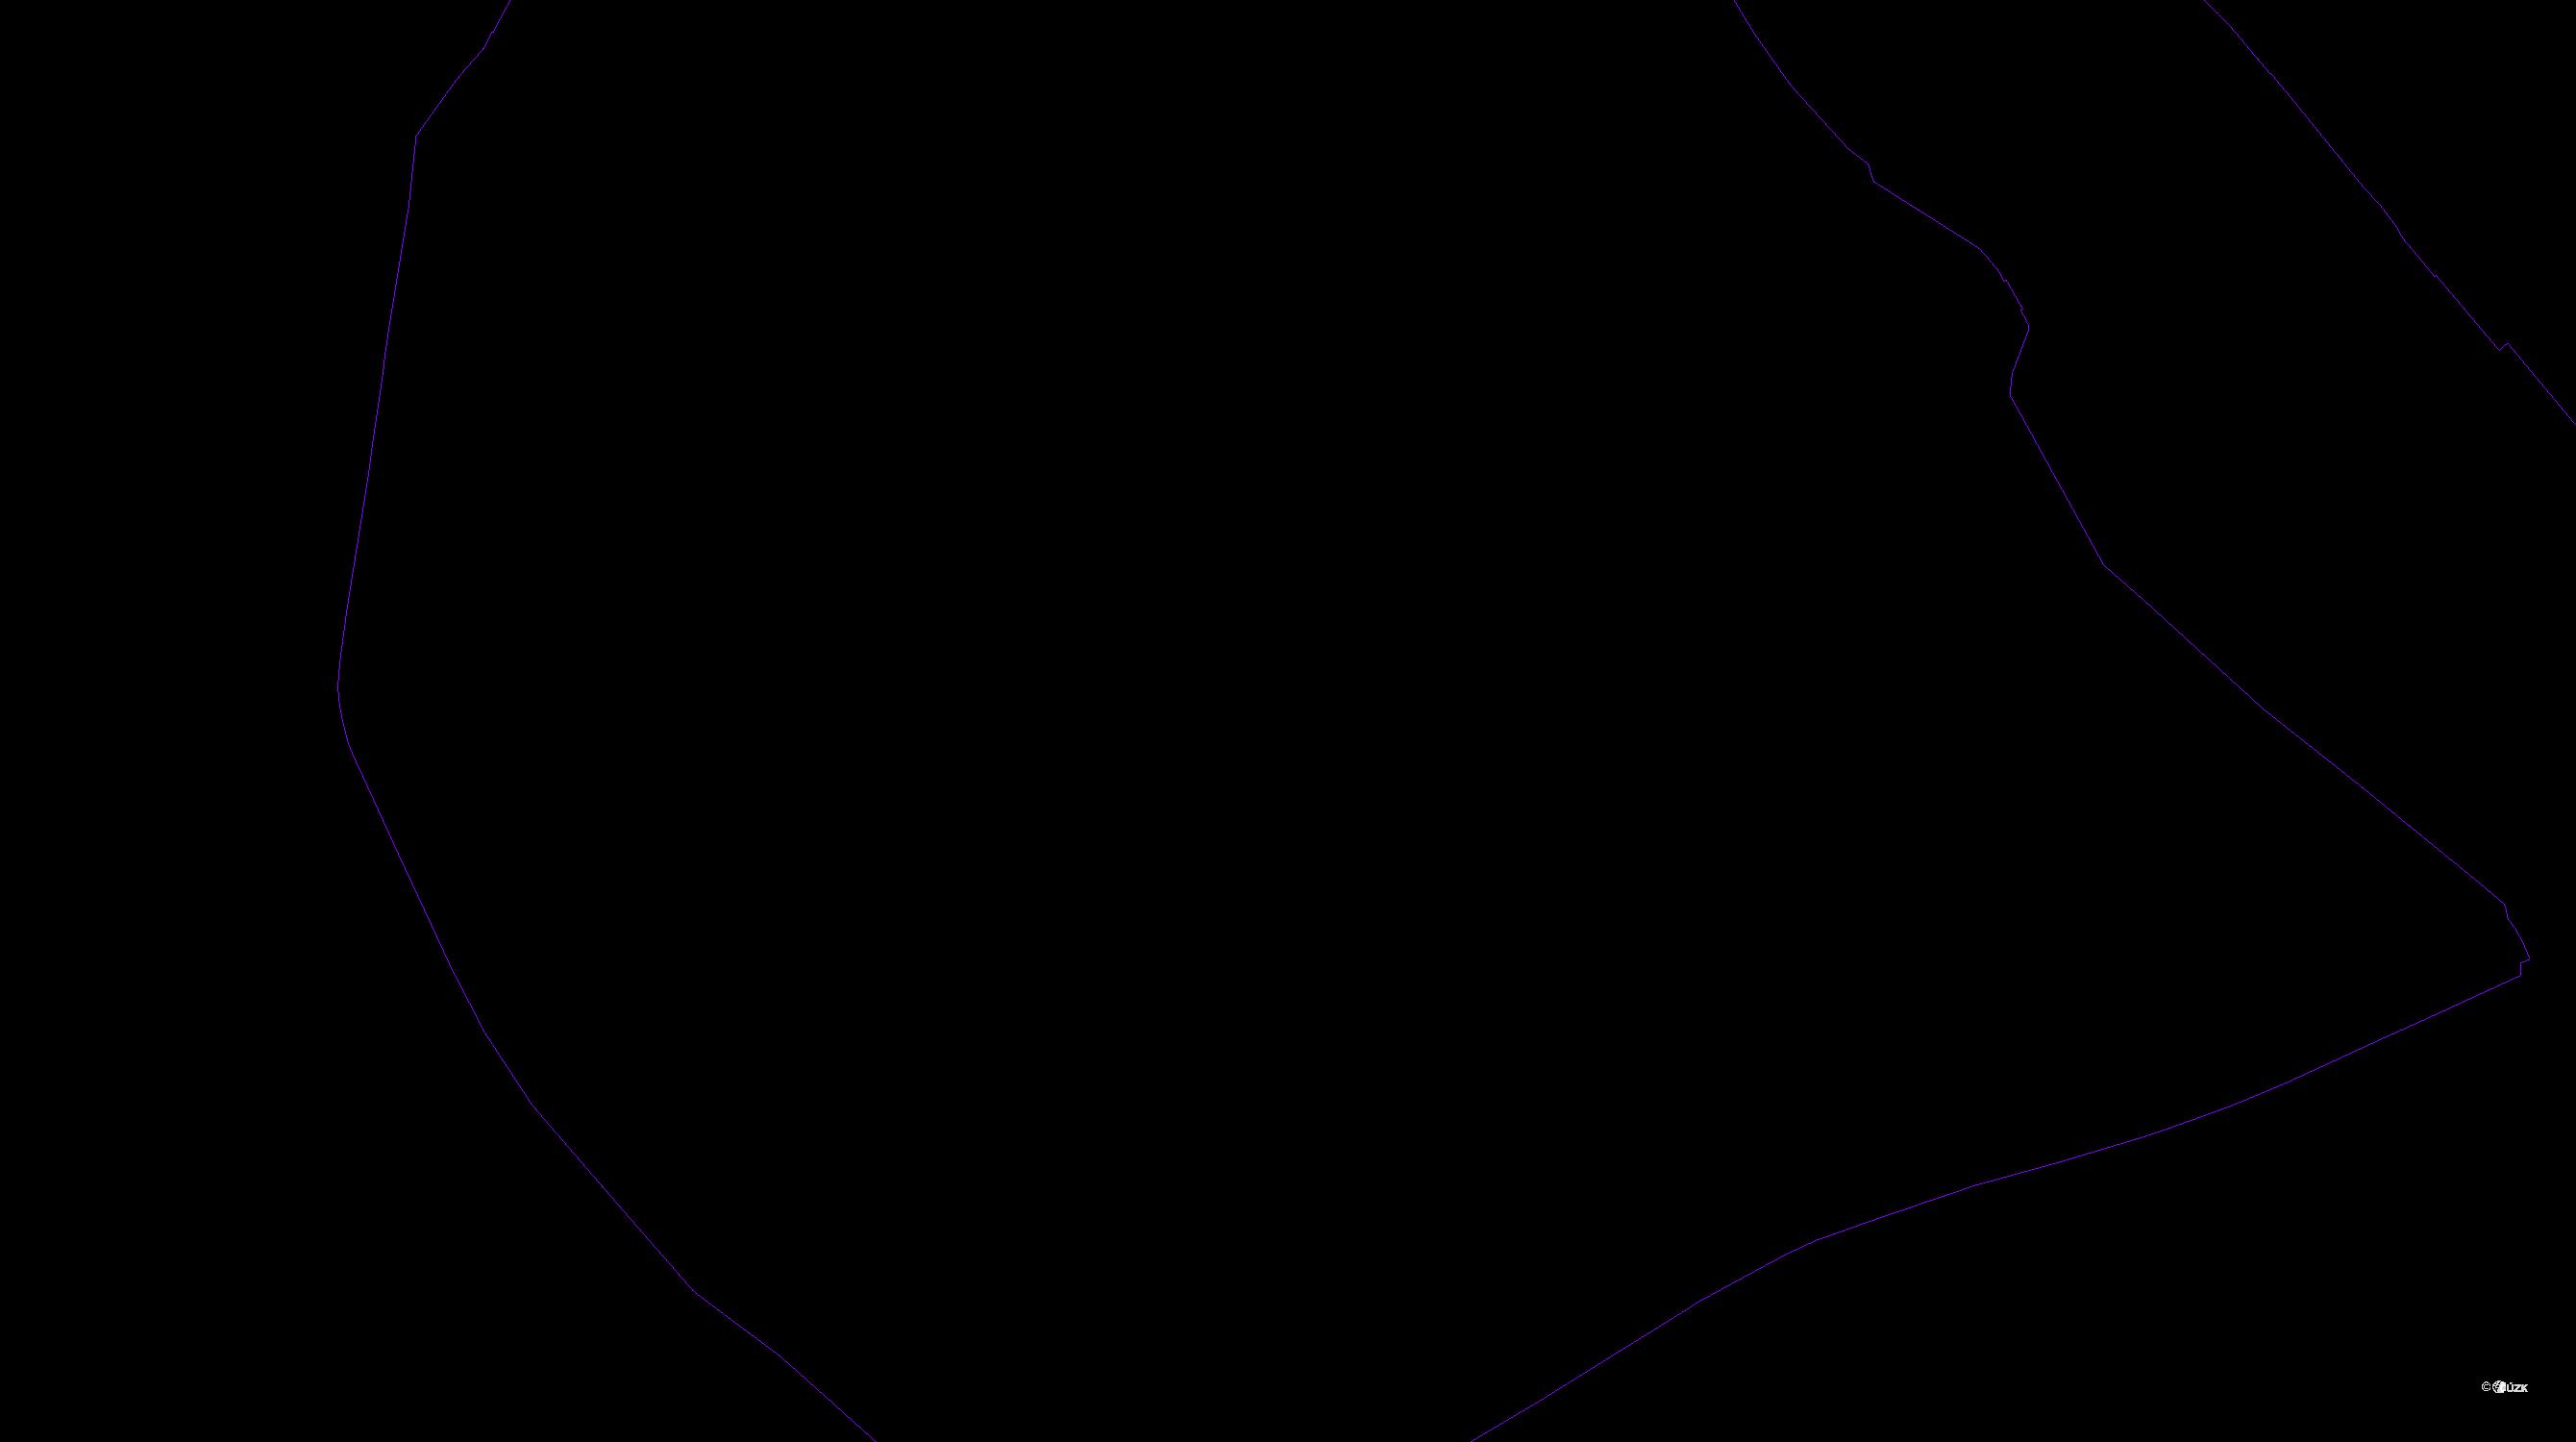 Katastrální mapa pozemků a čísla parcel Opava-Město